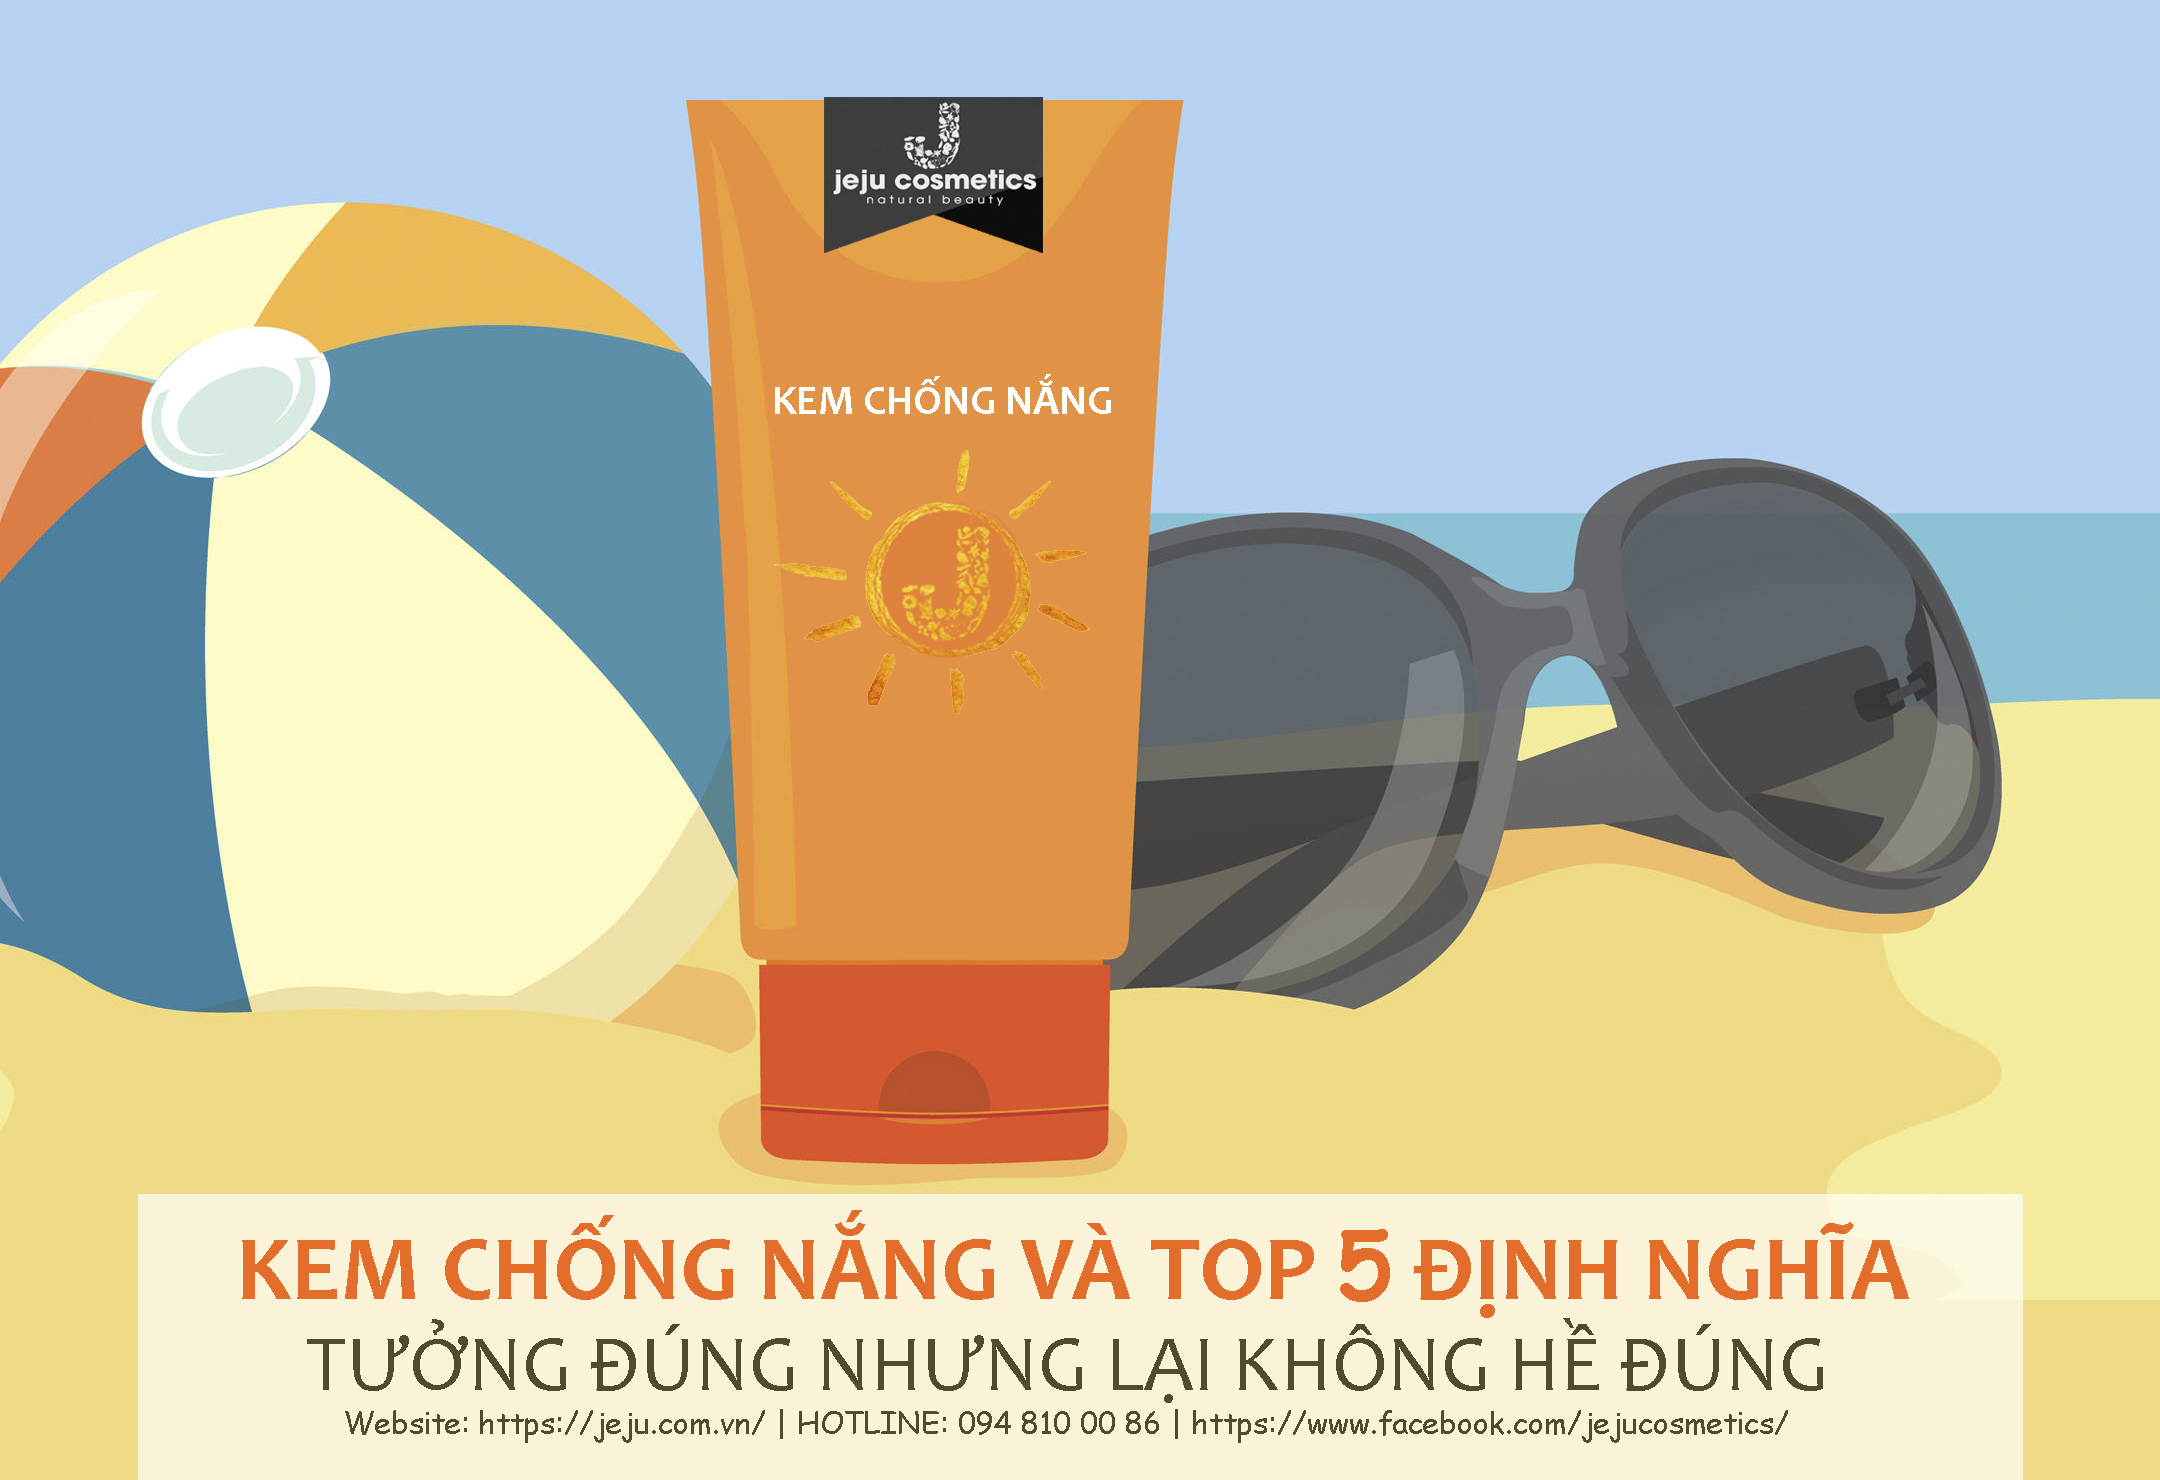 """Kem chống nắng từ lâu đã đóng vai trò là một sản phẩm """"bổ dưỡng"""" không thể  thiếu trong mọi quy trình dưỡng da hằng ngày của con người."""